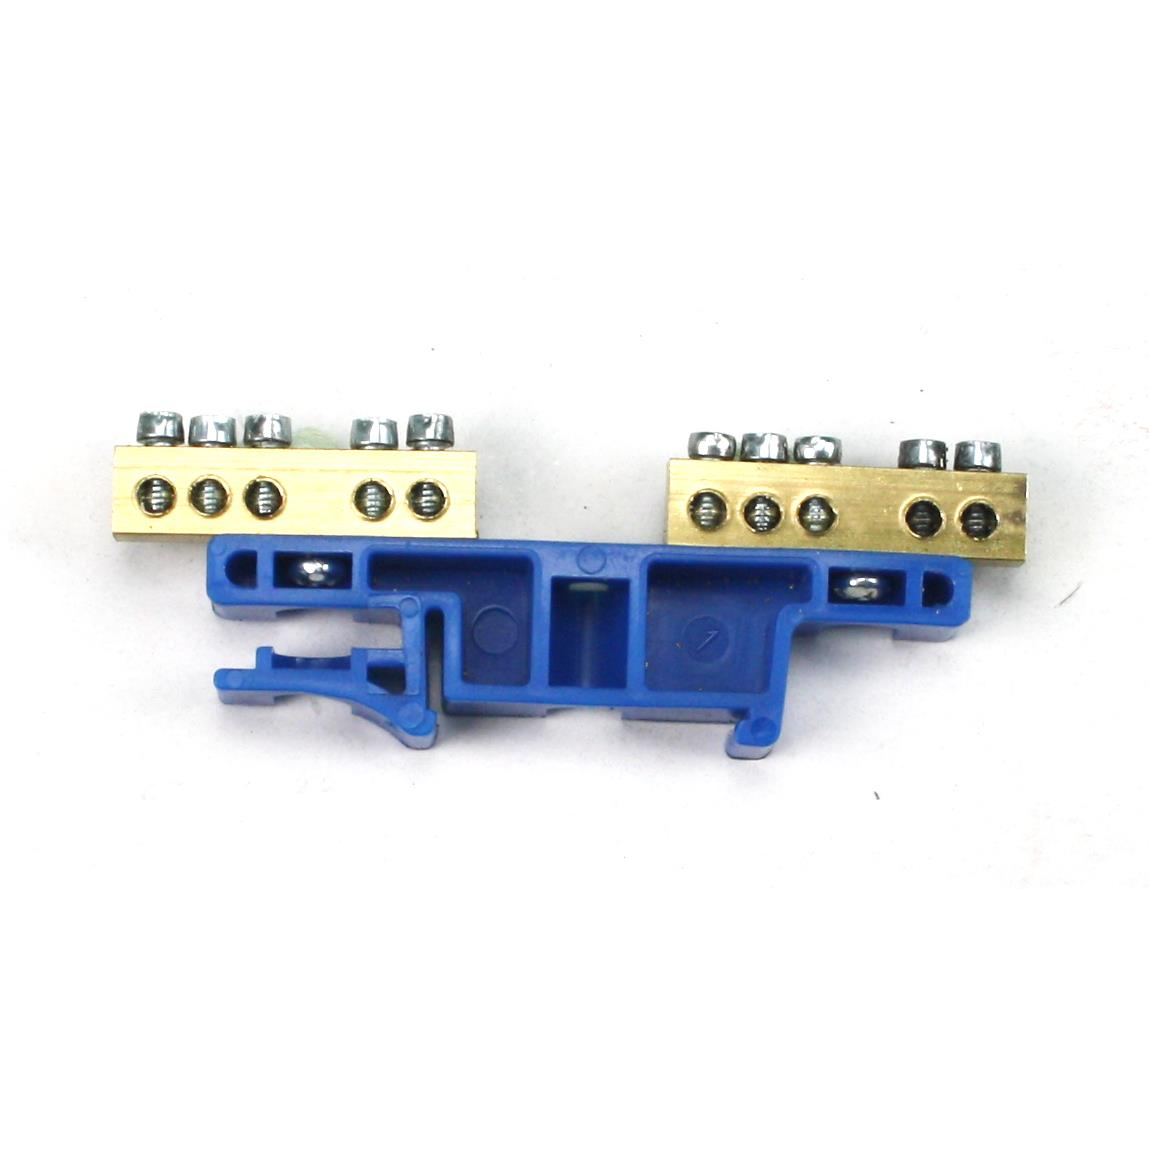 PE/N Klemme für Hutschiene 2x5-polig Sammelklemme, Verteilerklemme Blau,Elektro-Plast,0924-00, 5906868432005